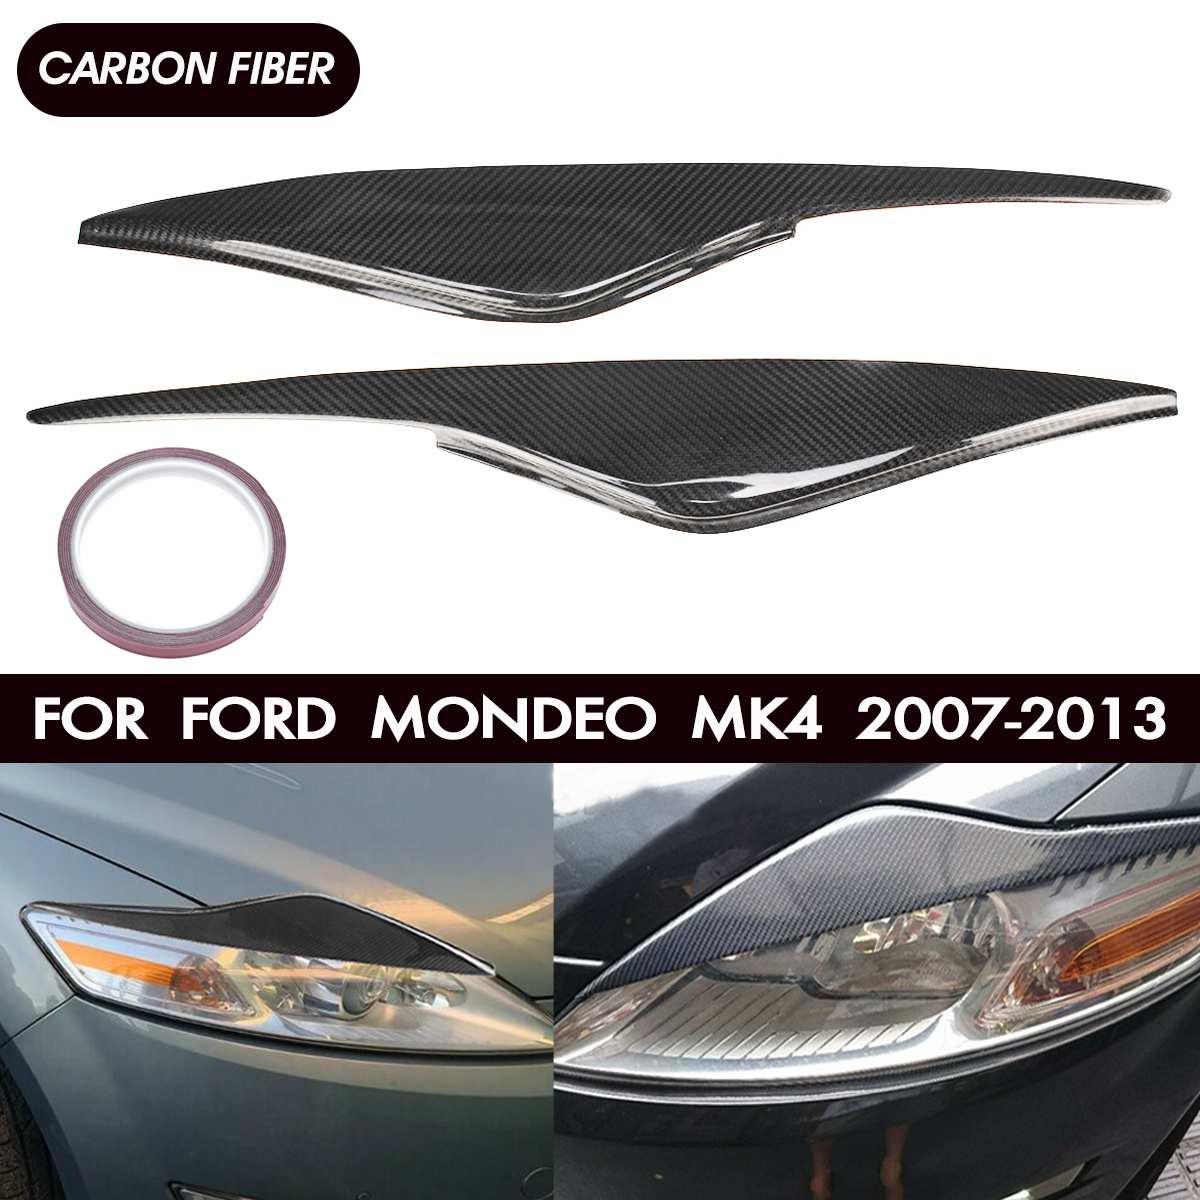 Пара автомобильных фар из углеродного волокна/стекловолокна, Накладка для бровей, накладка на голову, наклейка для век для Ford/Mondeo MK4 2007 2013